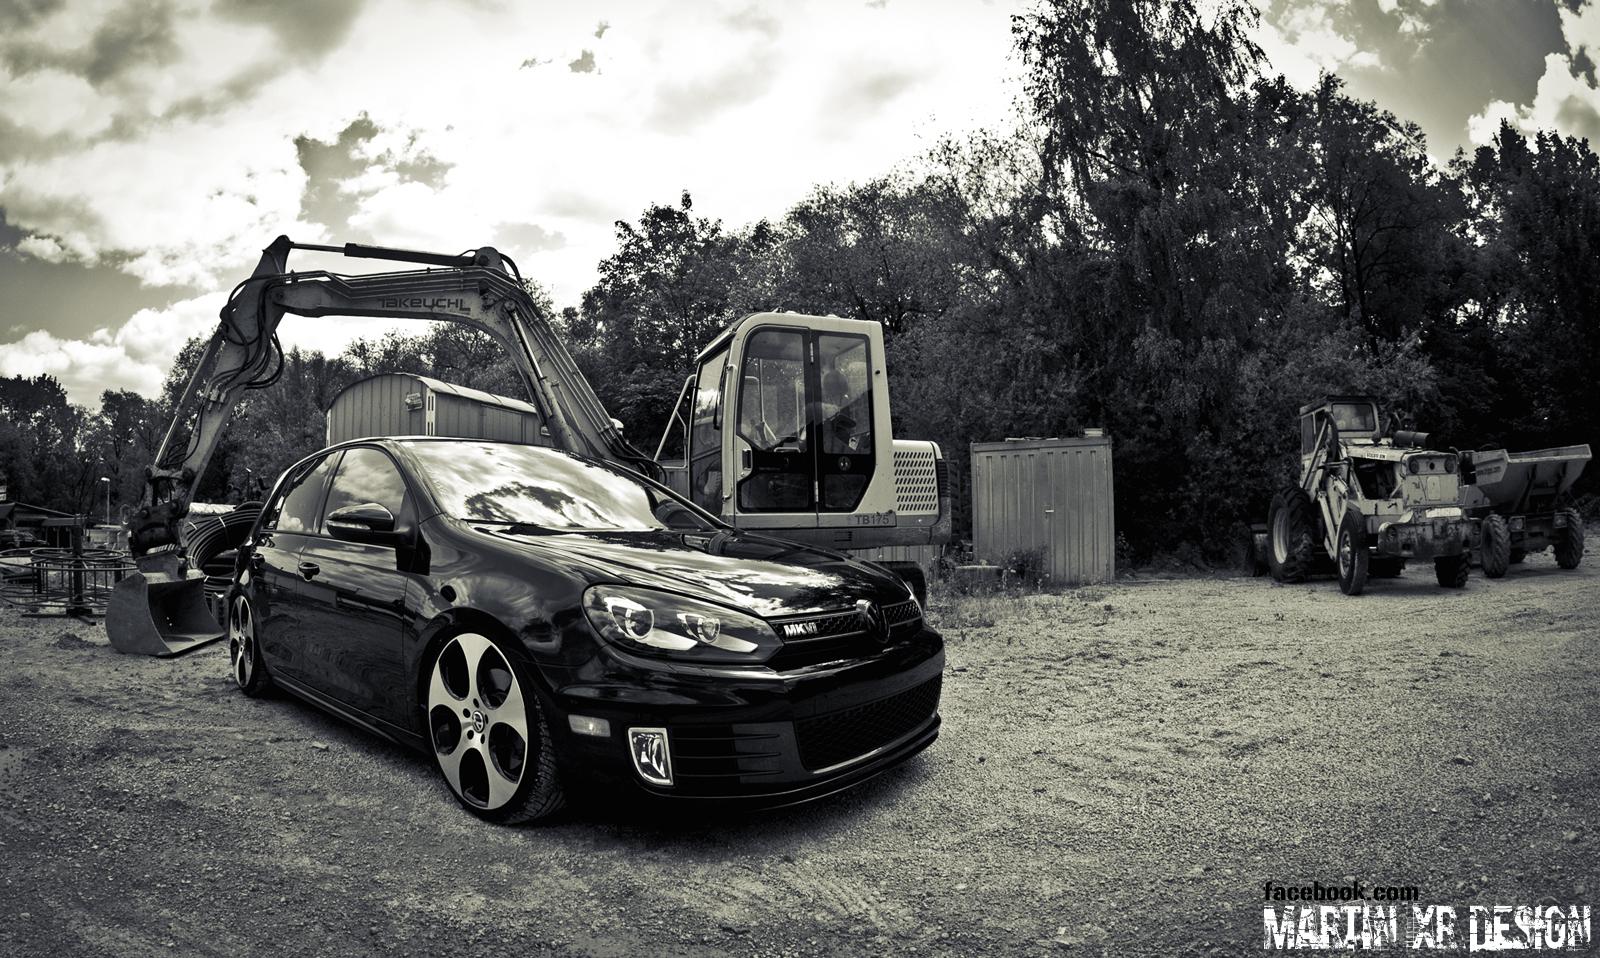 Focus St Vs Gti >> www.XR5-turbo.com - 26.05.12 VW GOLF GTI MK6 US